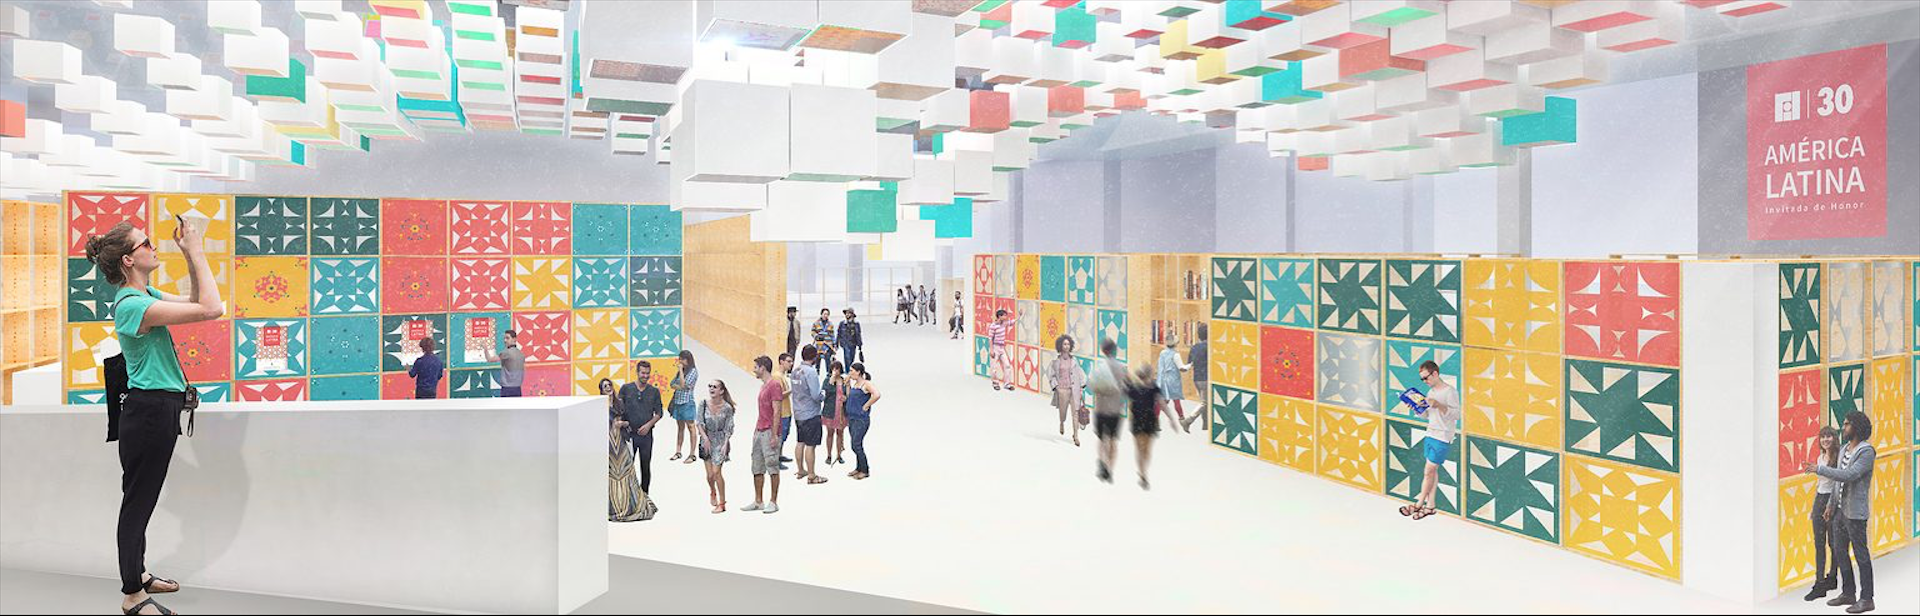 FIL 30 Pavilion design Mexico.image2